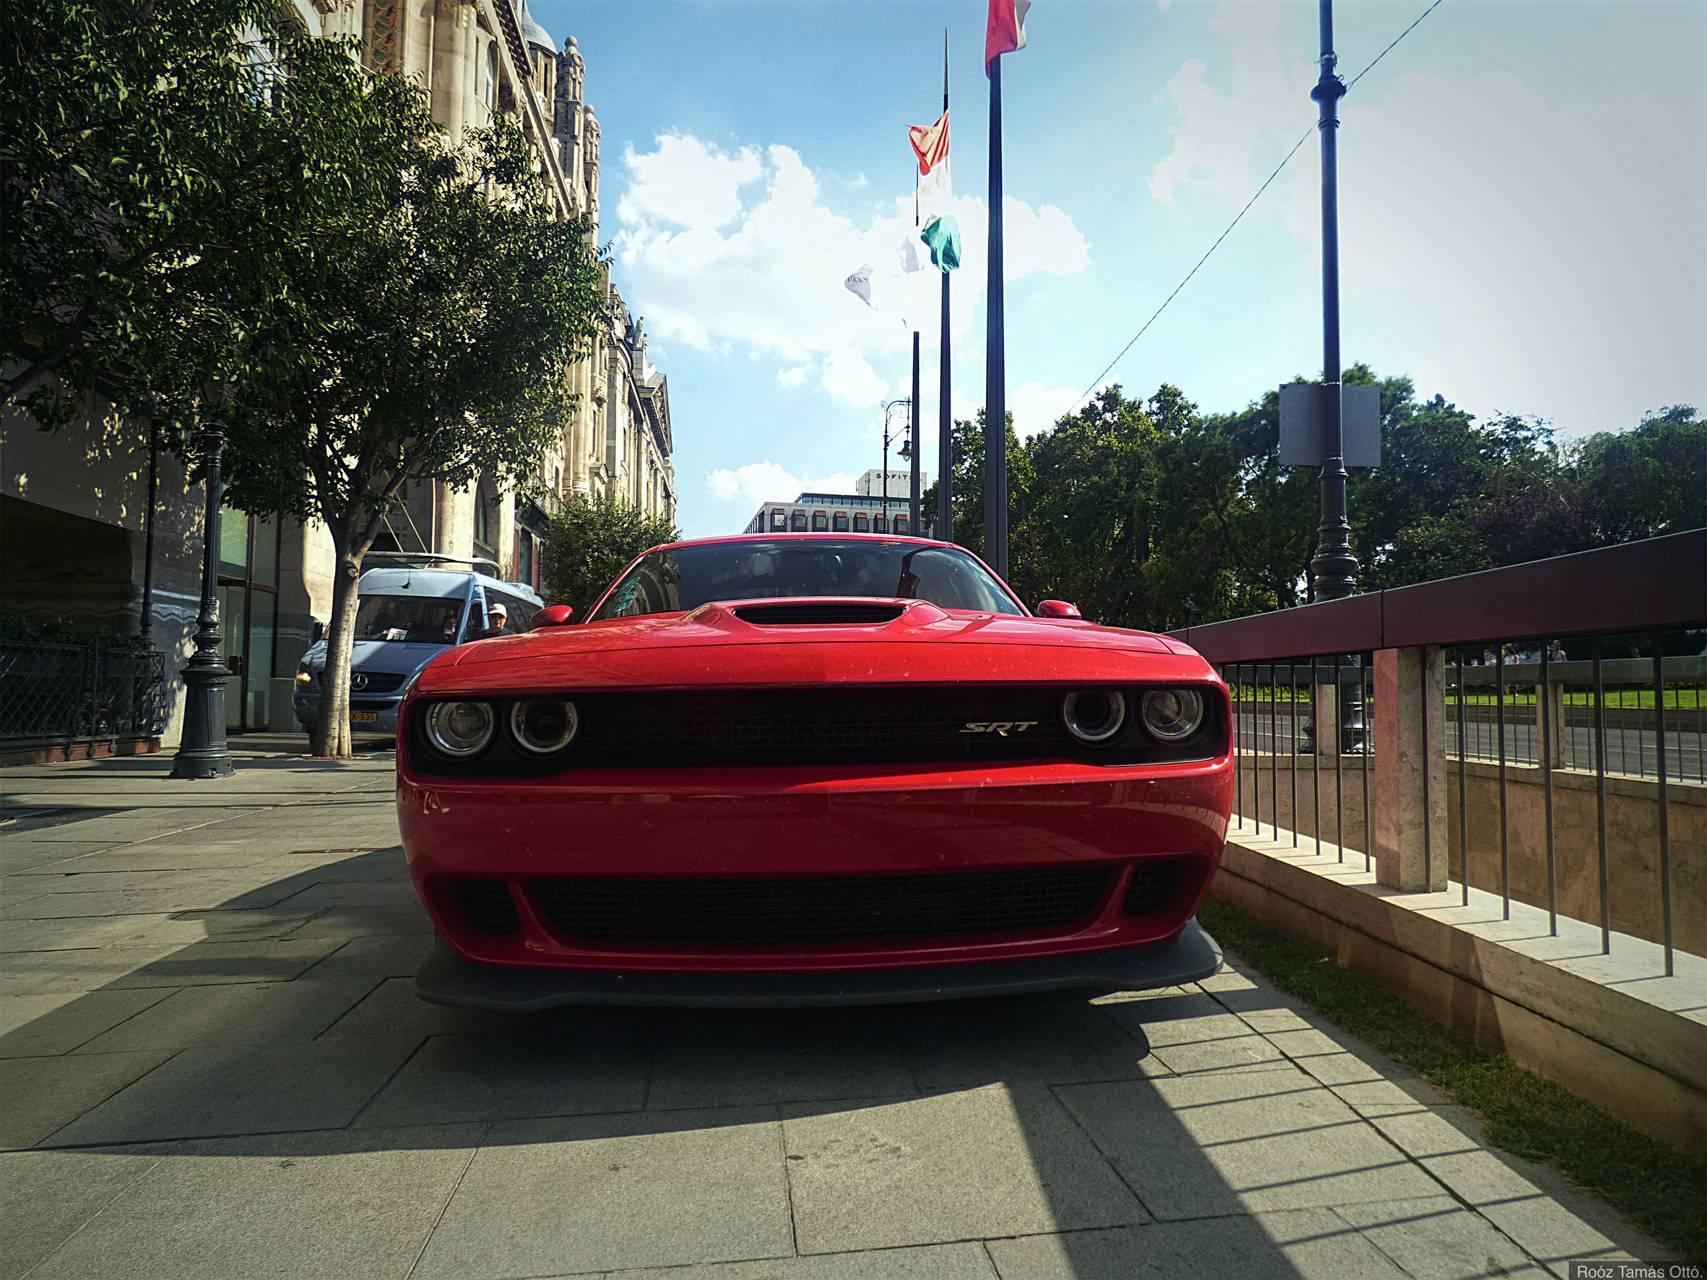 USA Car Budapest